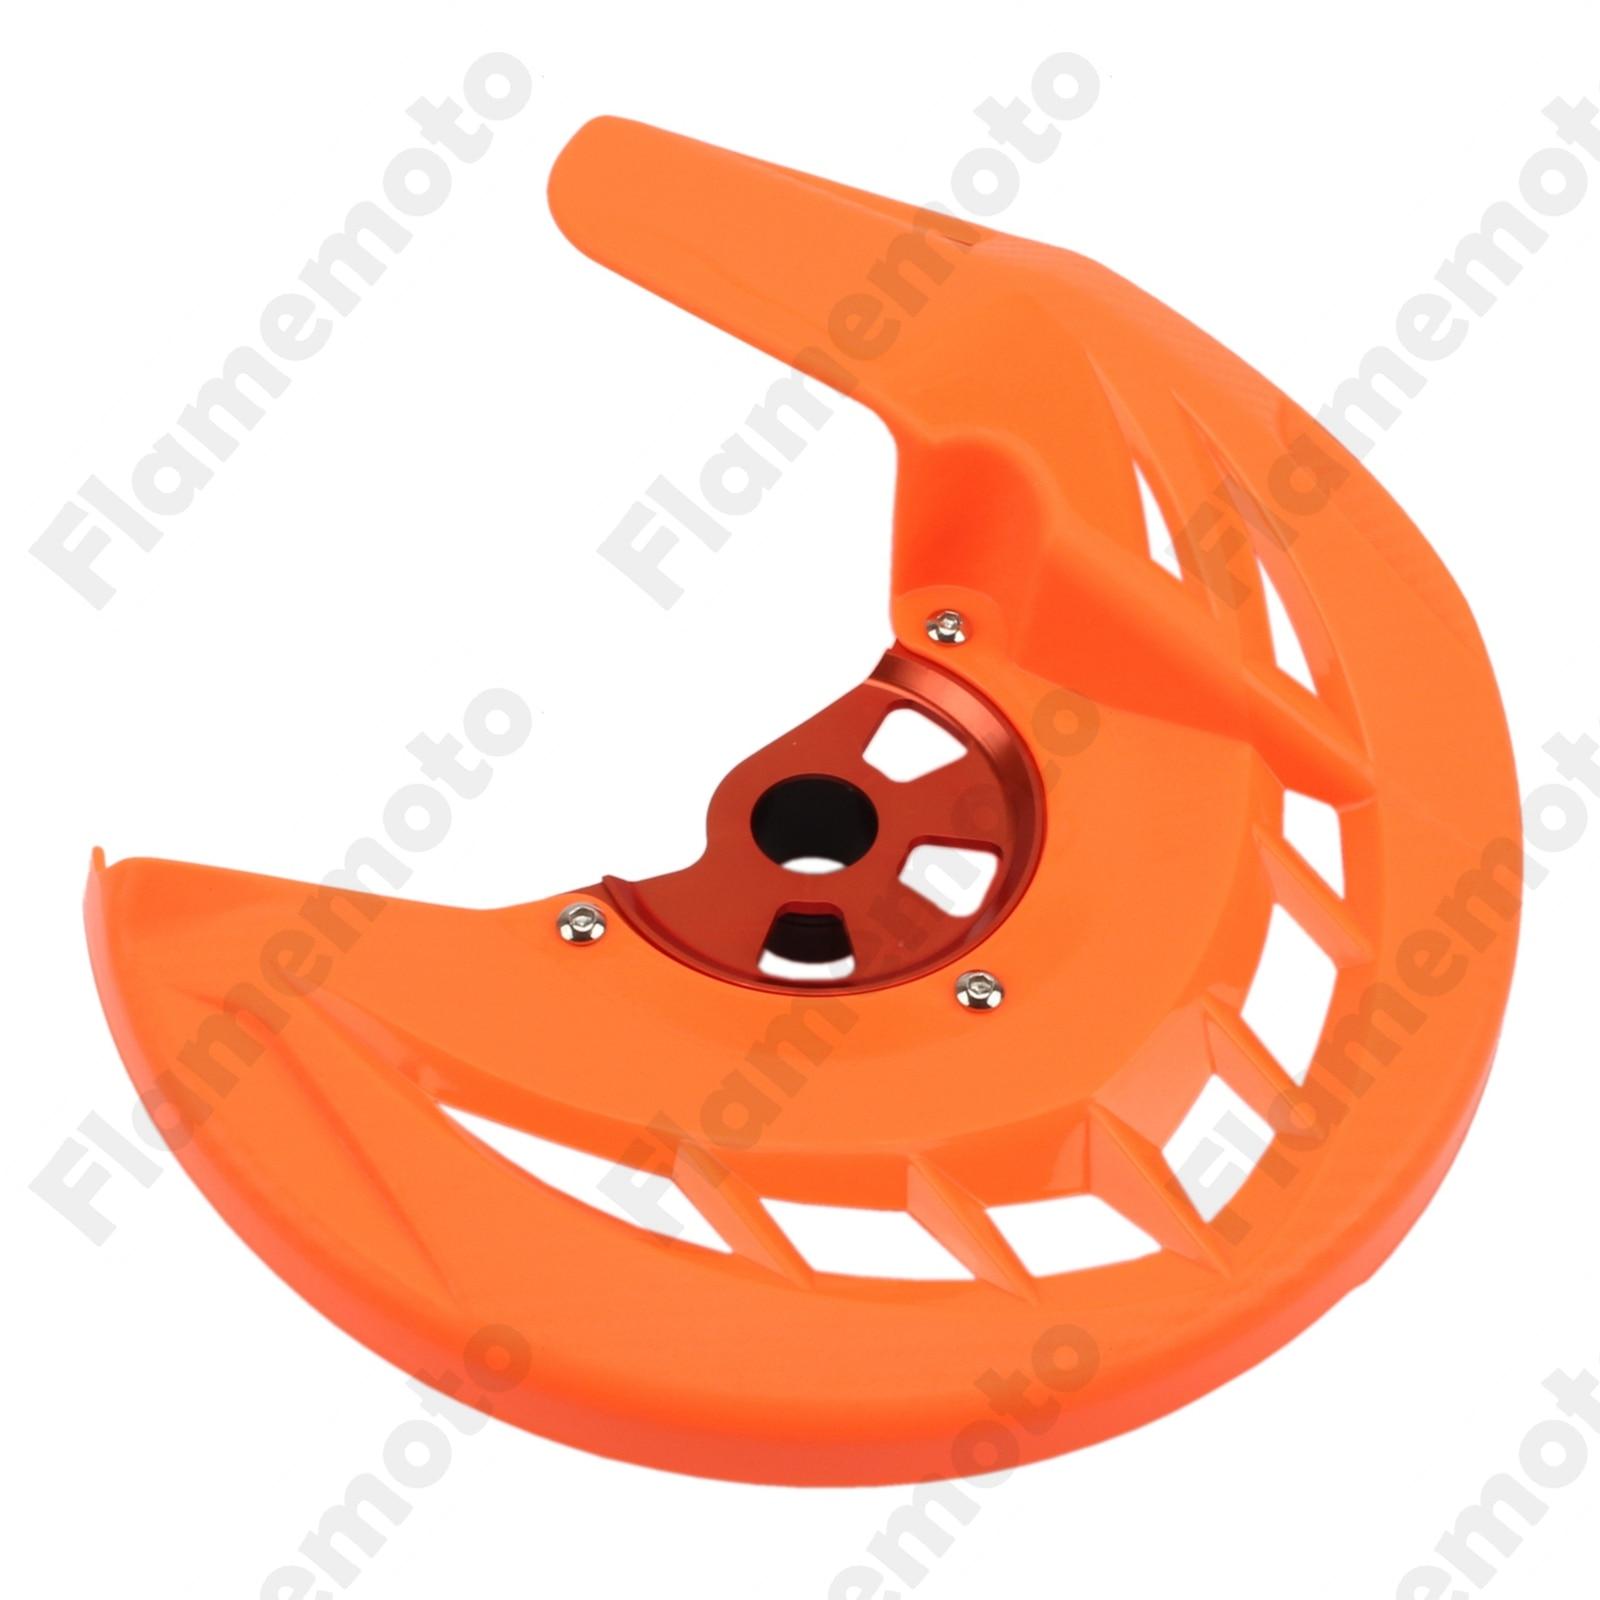 Orange accesorios de la motocicleta freno de disco delantero guardia cubierta pa